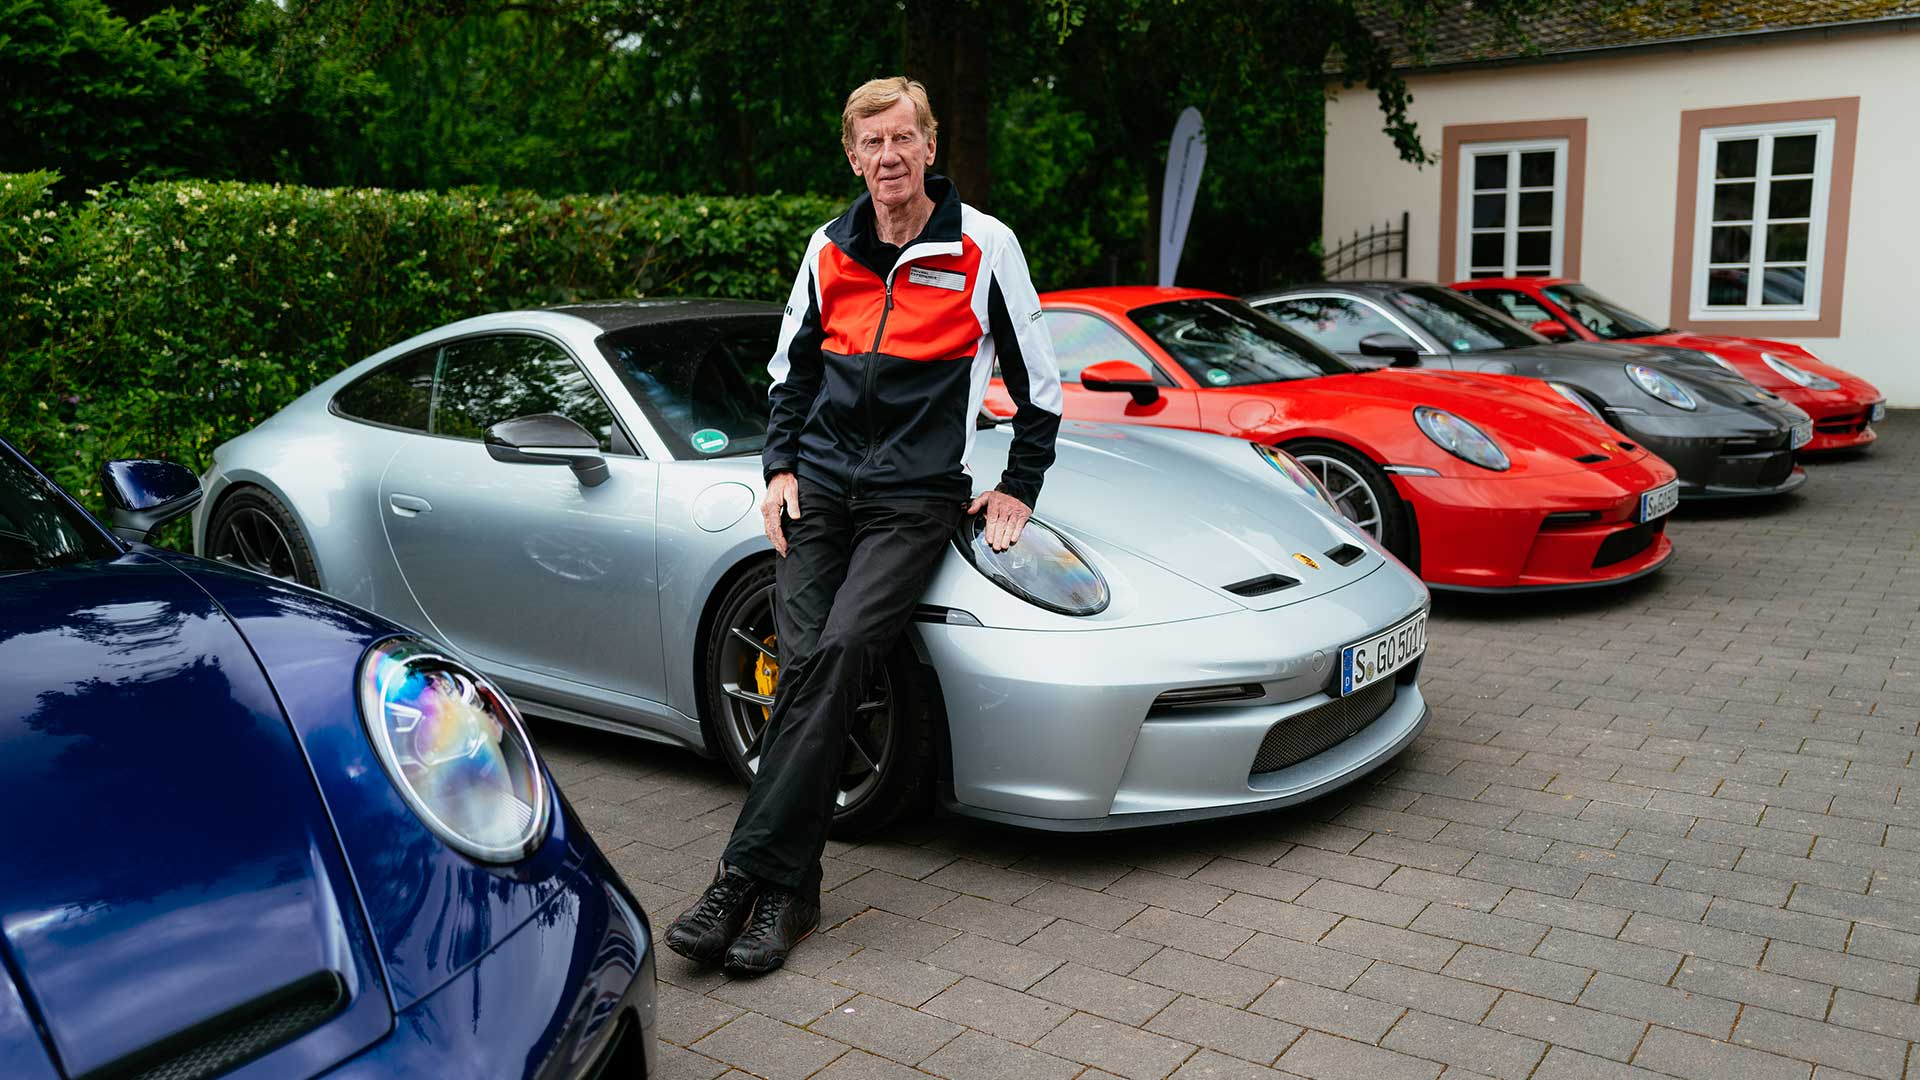 Walter Röhrl en Porsche 911 GT3 Touring (verhaal Tegen stuur duwen, niet trekken )